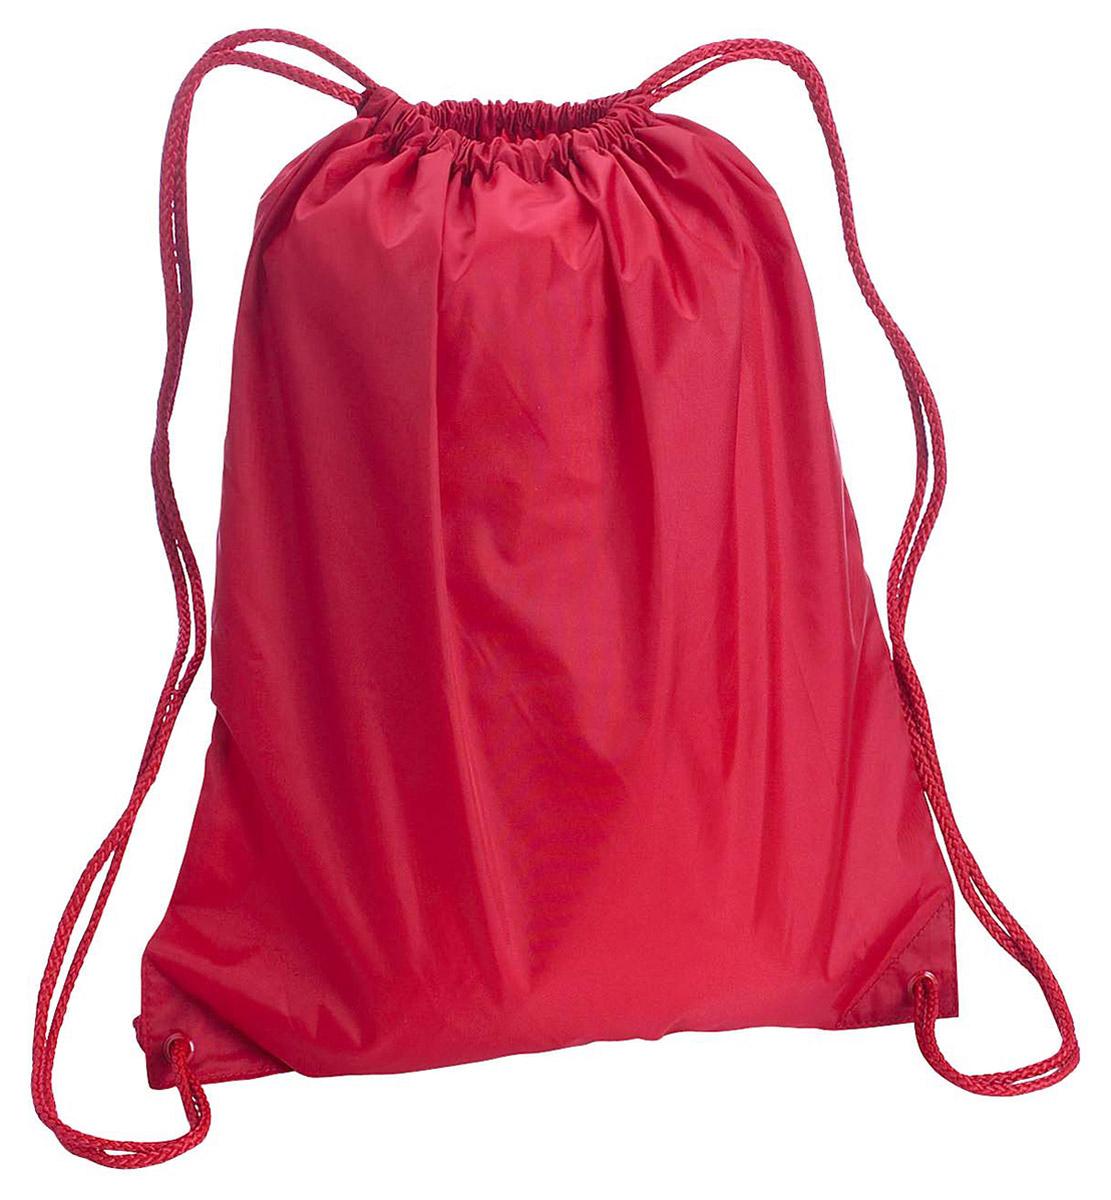 liberty bags large drawstring backpack cinch sack school bag pack 8882 17x20 ebay. Black Bedroom Furniture Sets. Home Design Ideas